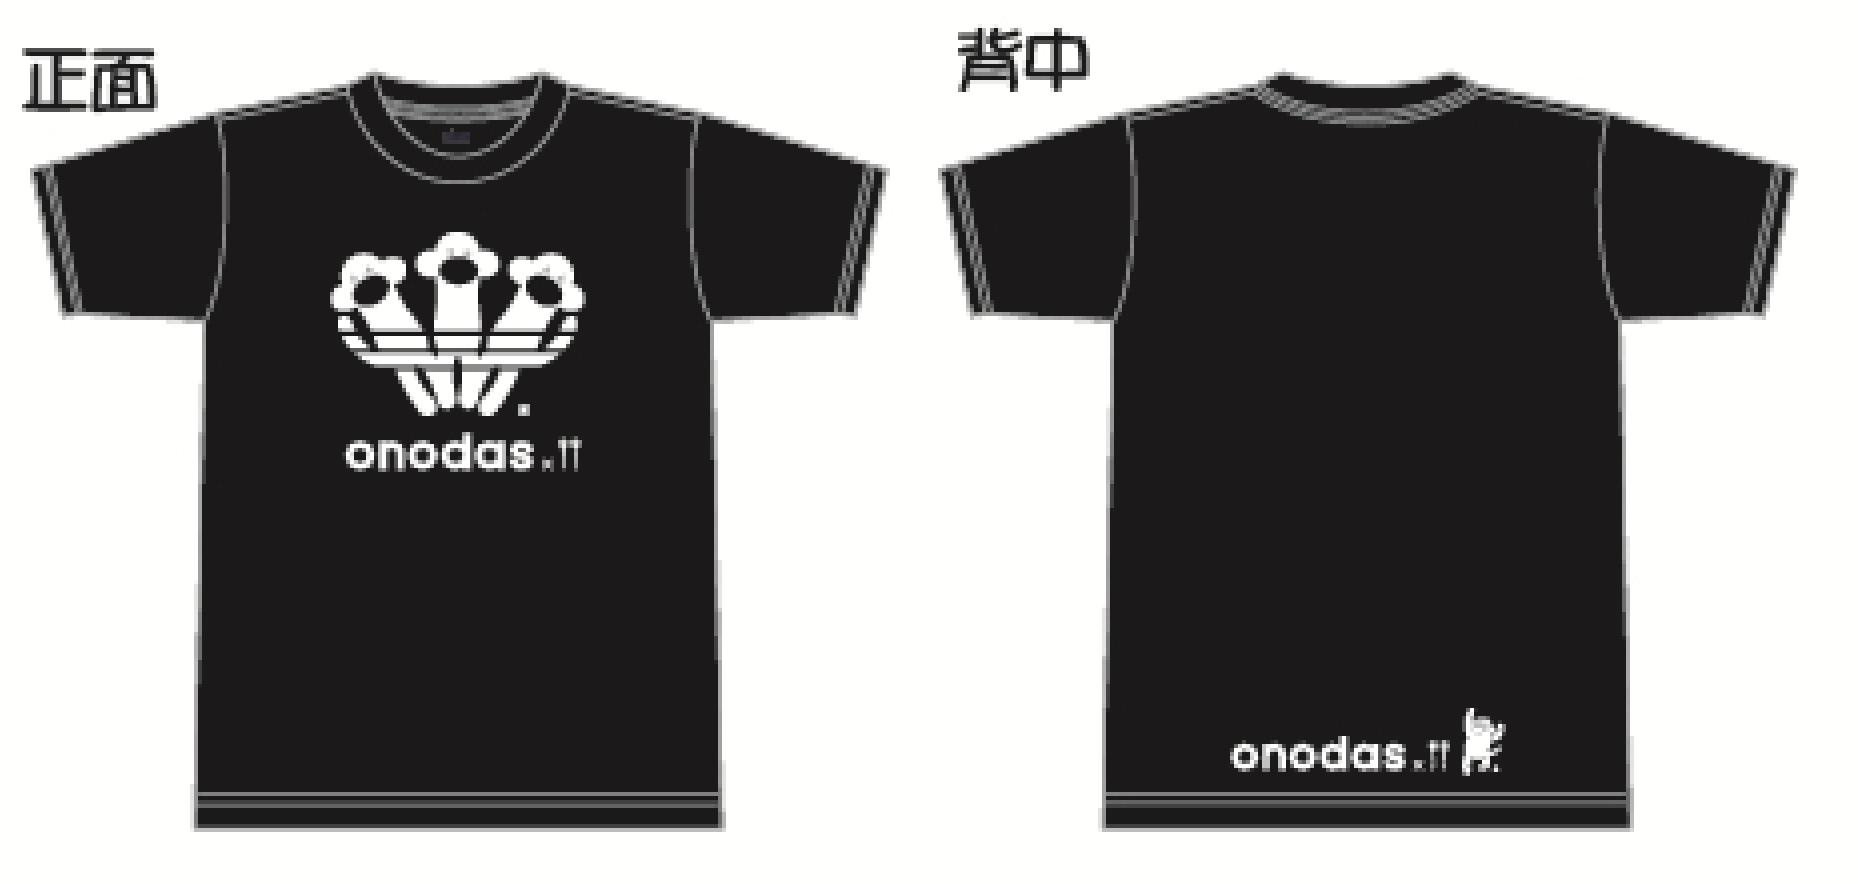 街で声をかけられる 大人気おのくんの onodas Tシャツ